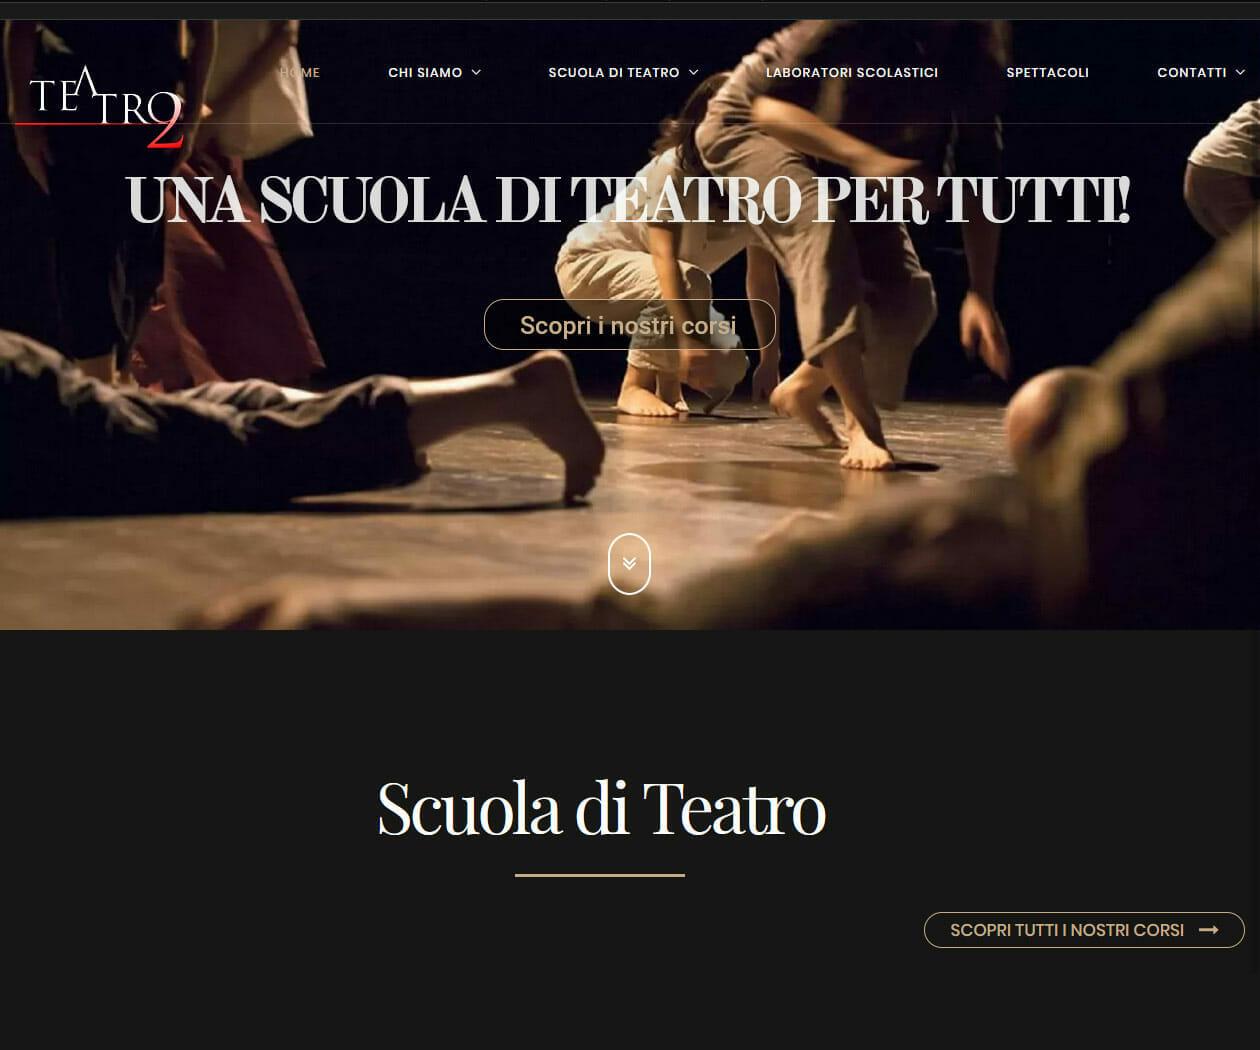 Sito Web Scuola Di Teatro Milano